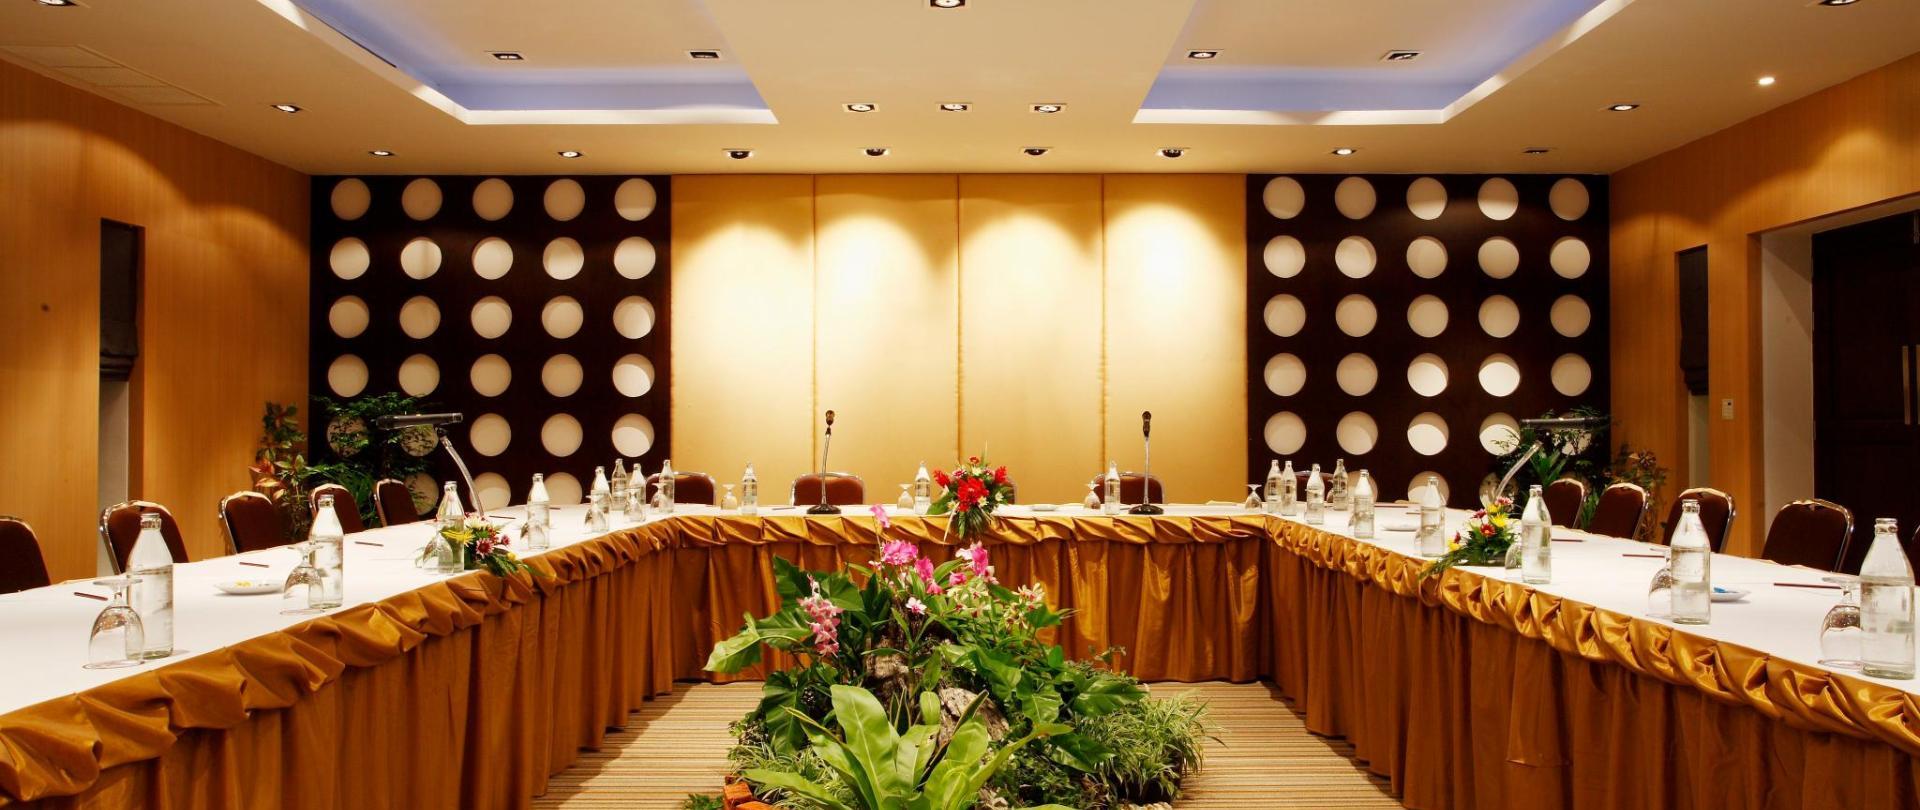 Peace Hall Room.JPG